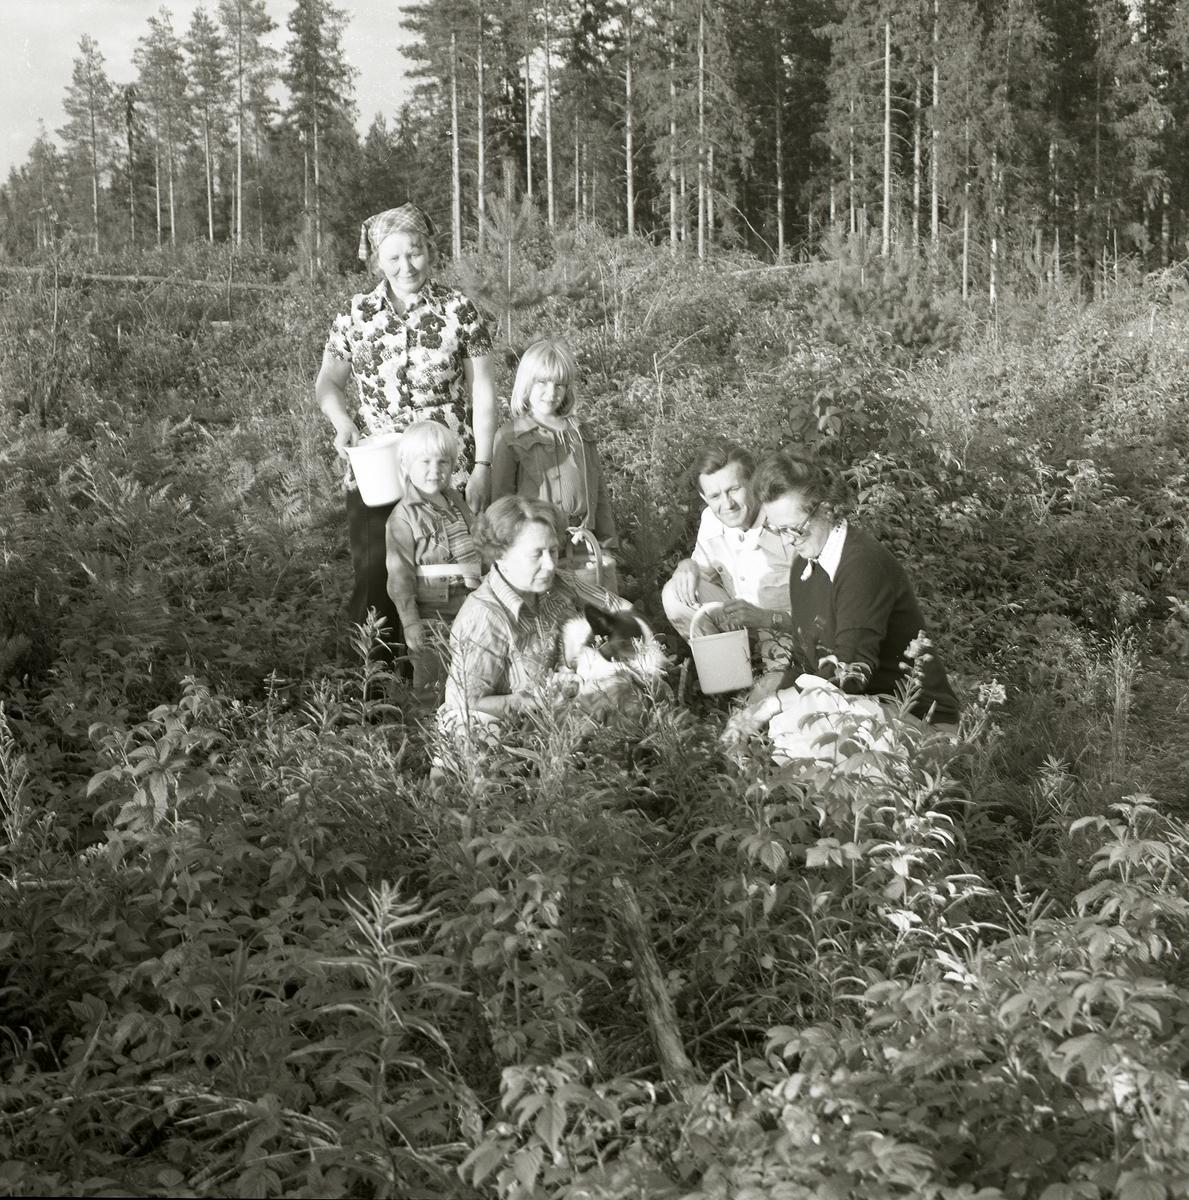 En grupp om fyra vuxna och två barn har gett sig ut bland snåren för att plocka hallon. Det är en solig sommardag 1977 och de bär med sig korgar och hinkar för att lägga hallonen i. Närmast i bild sitter en kvinna på huk och klappar en hund.